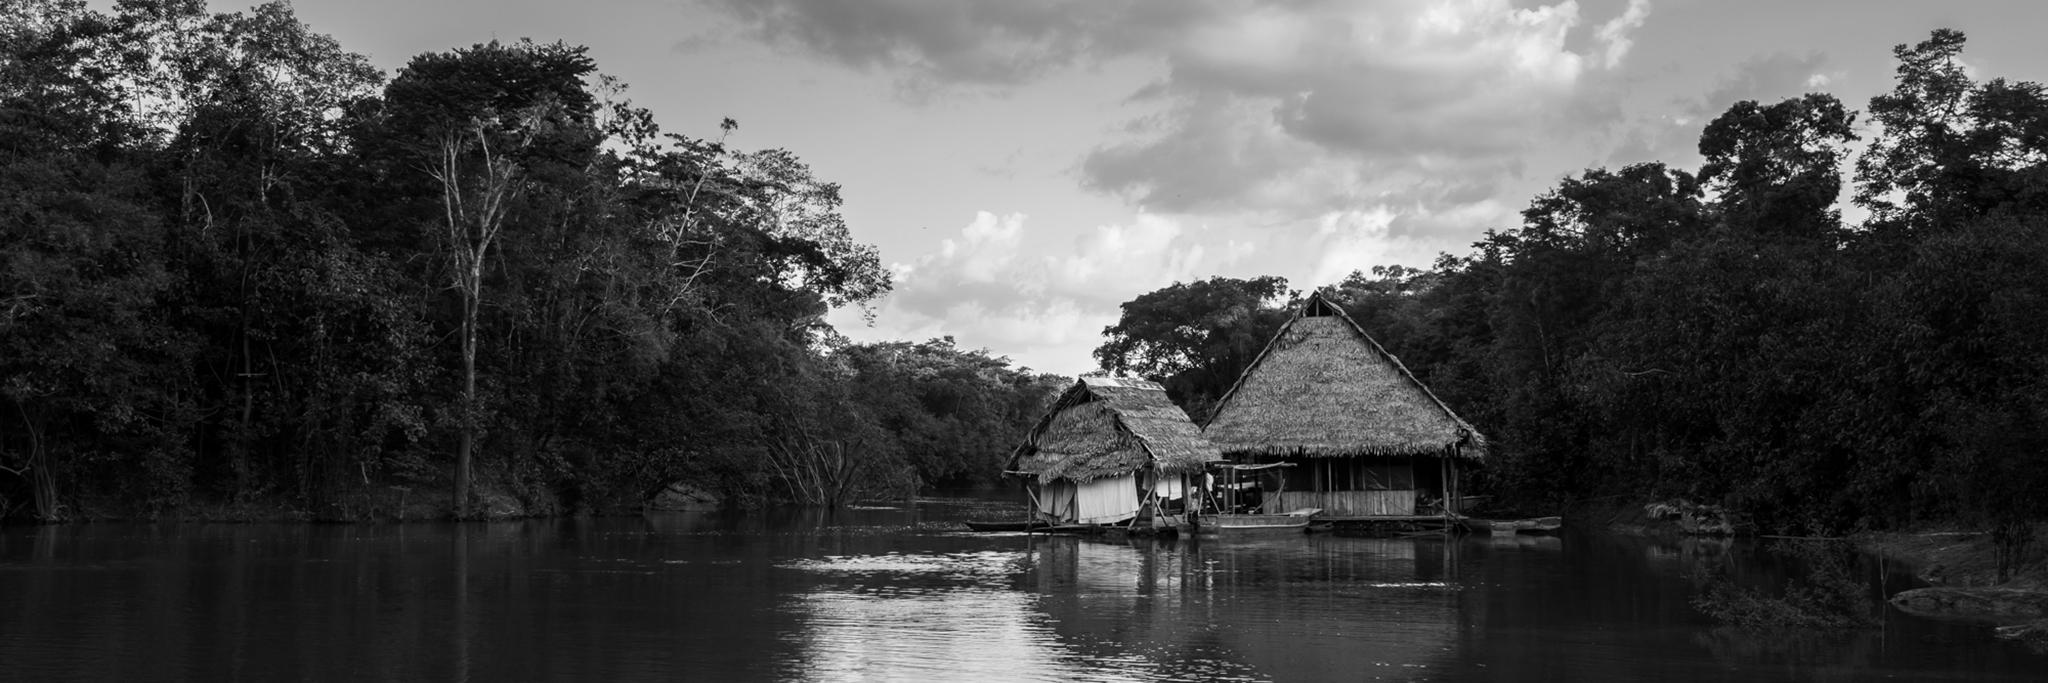 peruvian amazon -